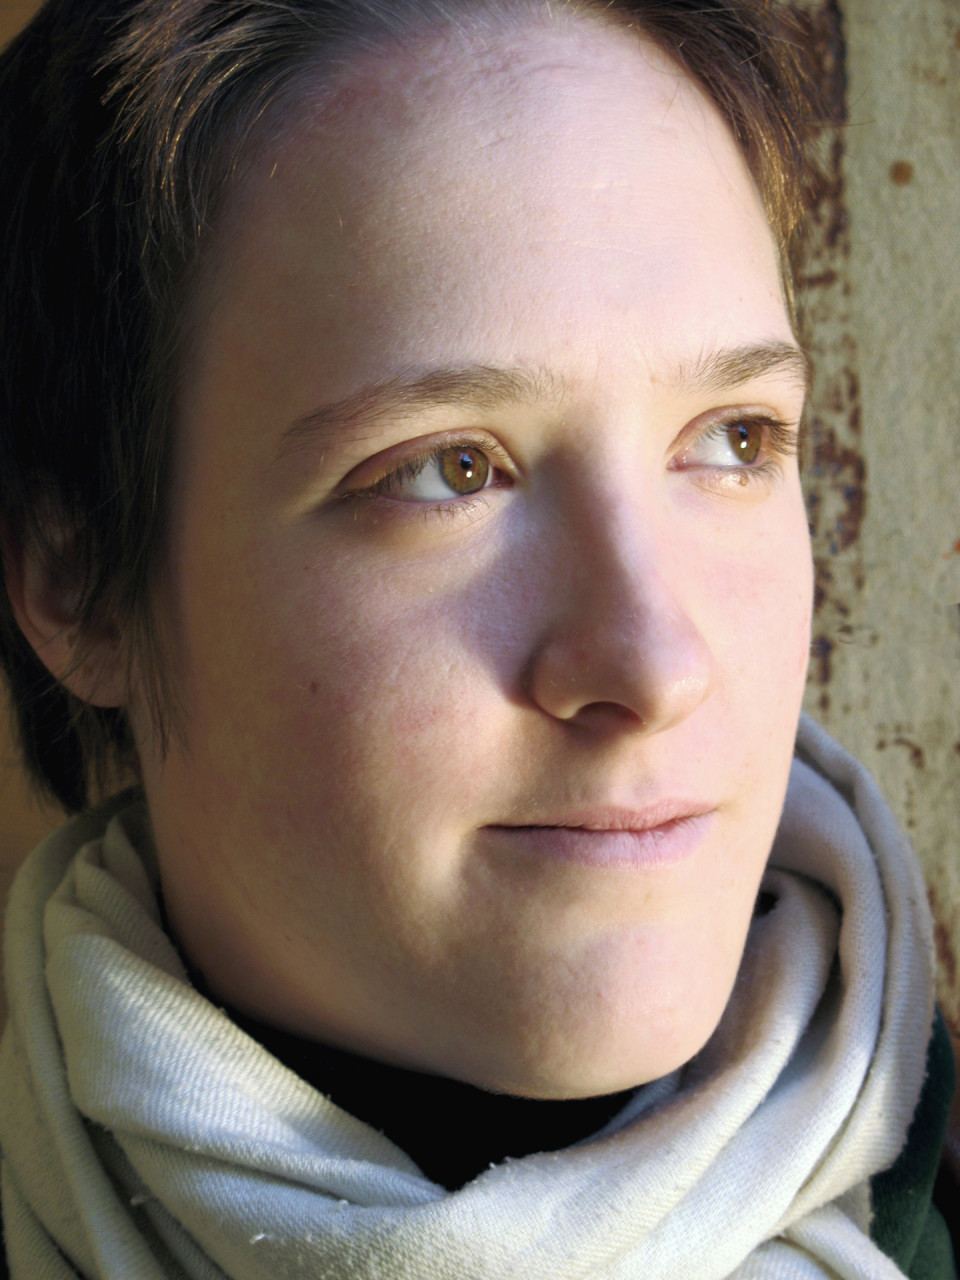 Elizabeth Lima